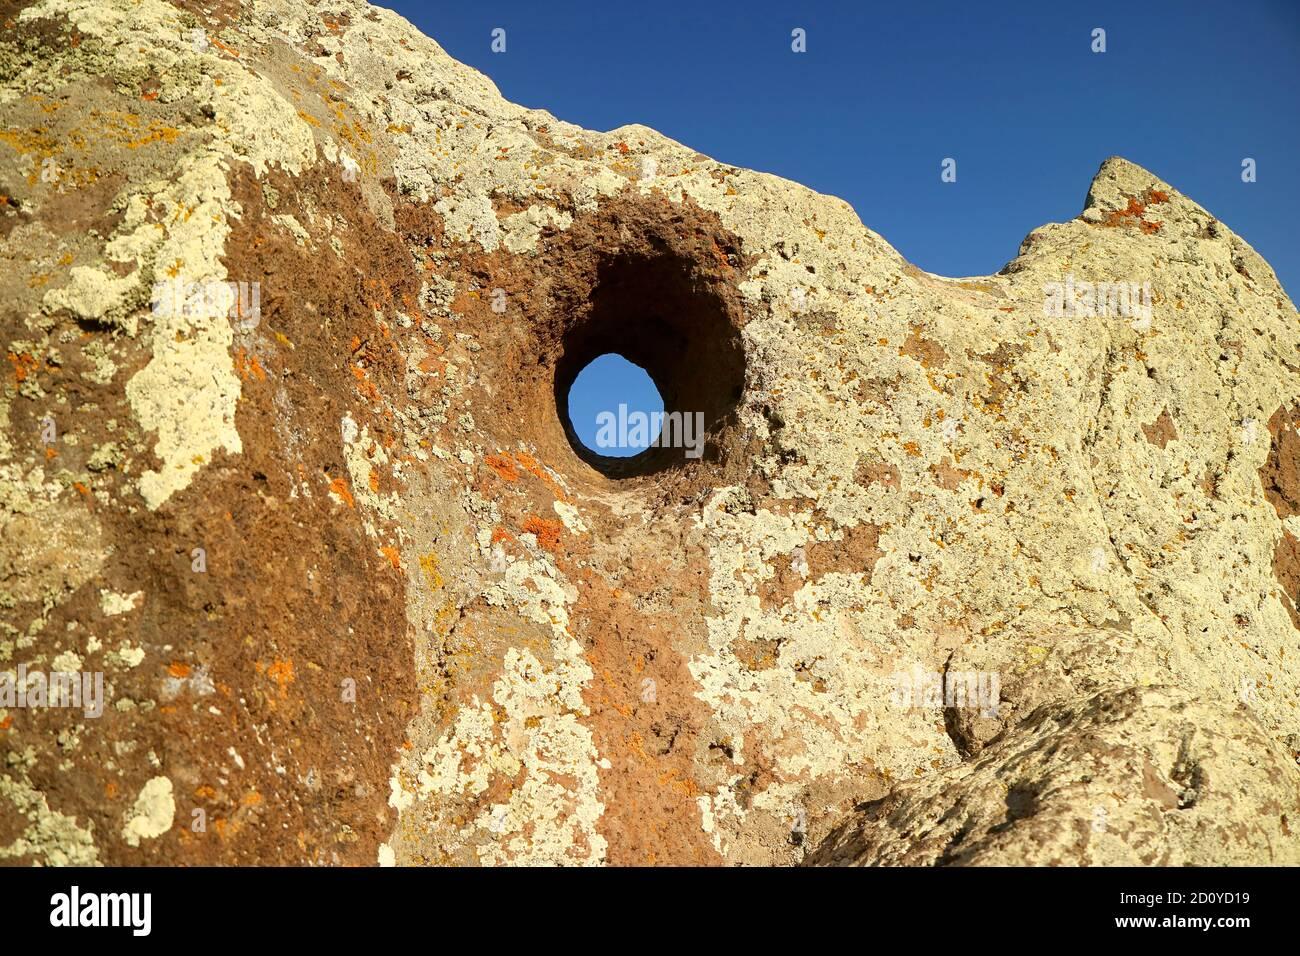 Carahunge significa HABLAR PIEDRAS en armenio, los agujeros de piedras en este sitio arqueológico Crear sonidos silbantes en un día de viento, Provincia de Syunik Foto de stock